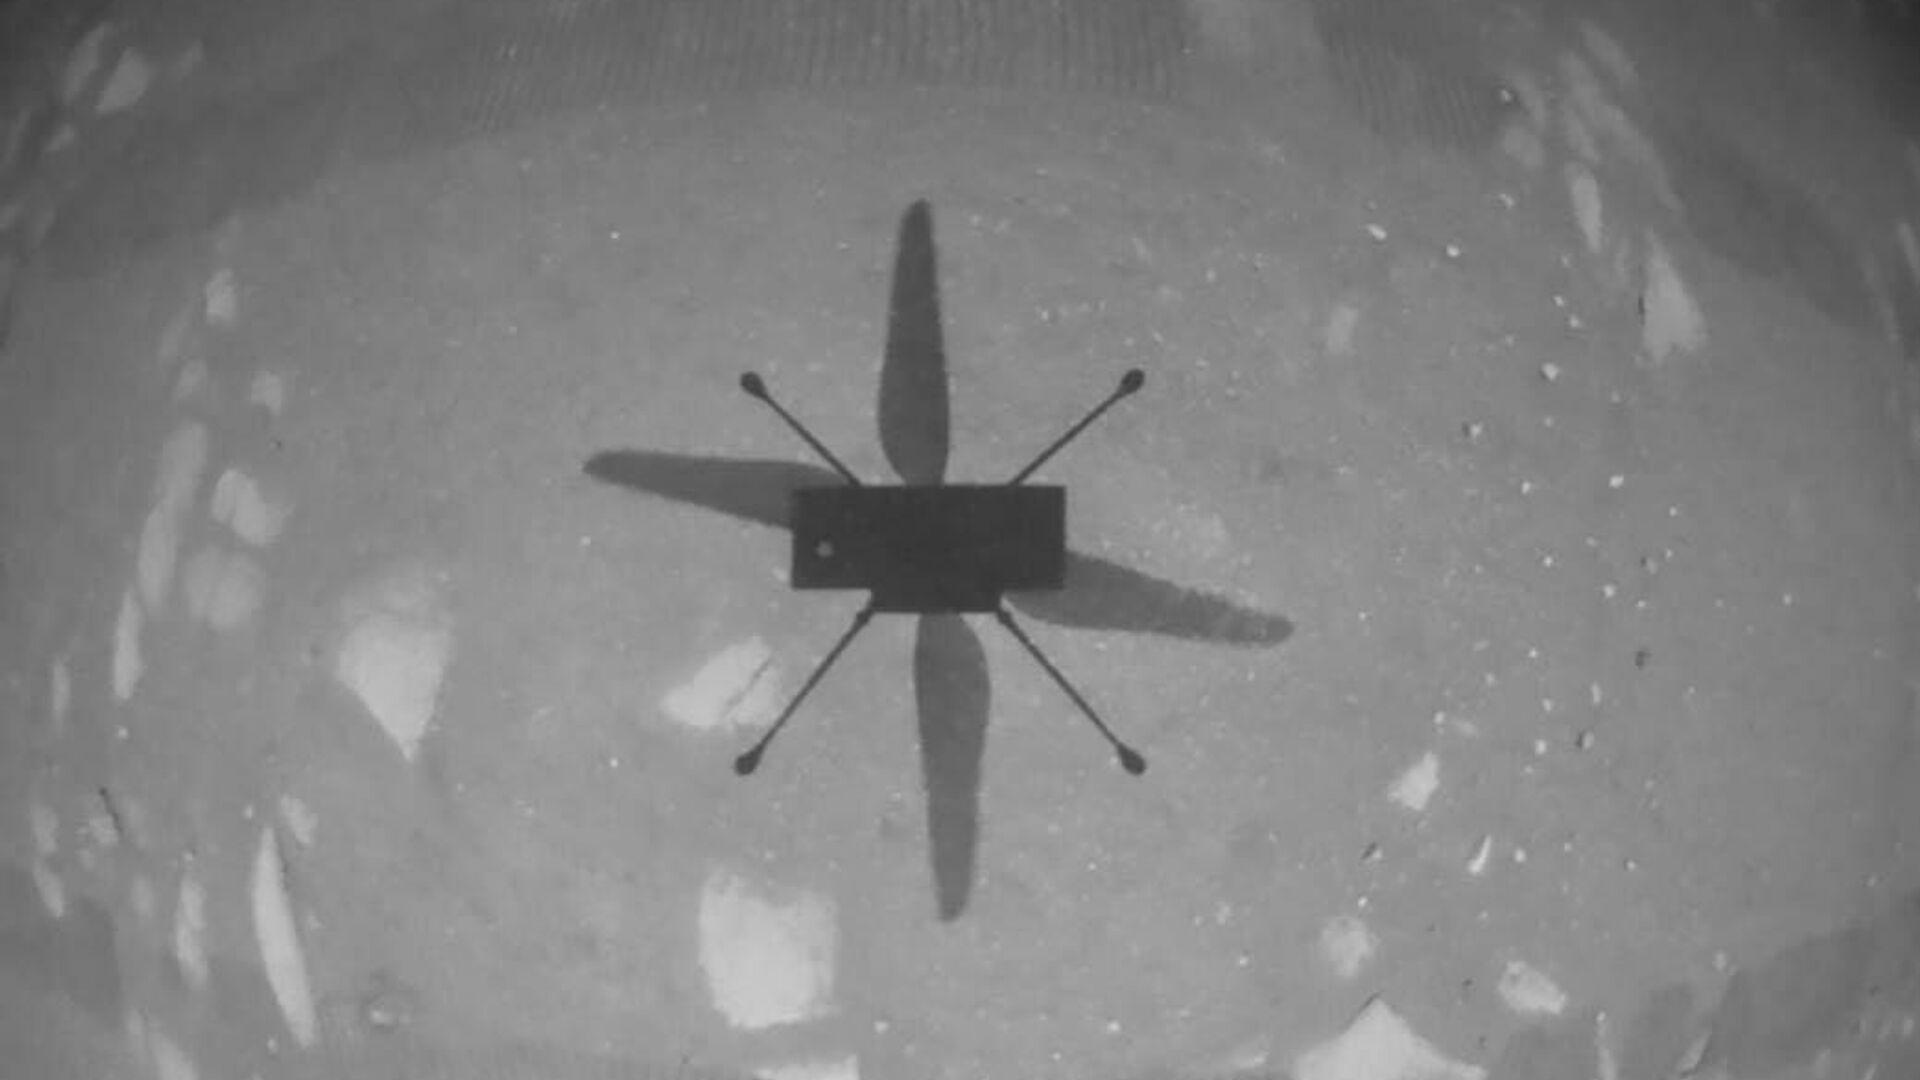 Первое фото, сделанное беспилотным вертолетом НАСА Ingenuity - РИА Новости, 1920, 08.05.2021